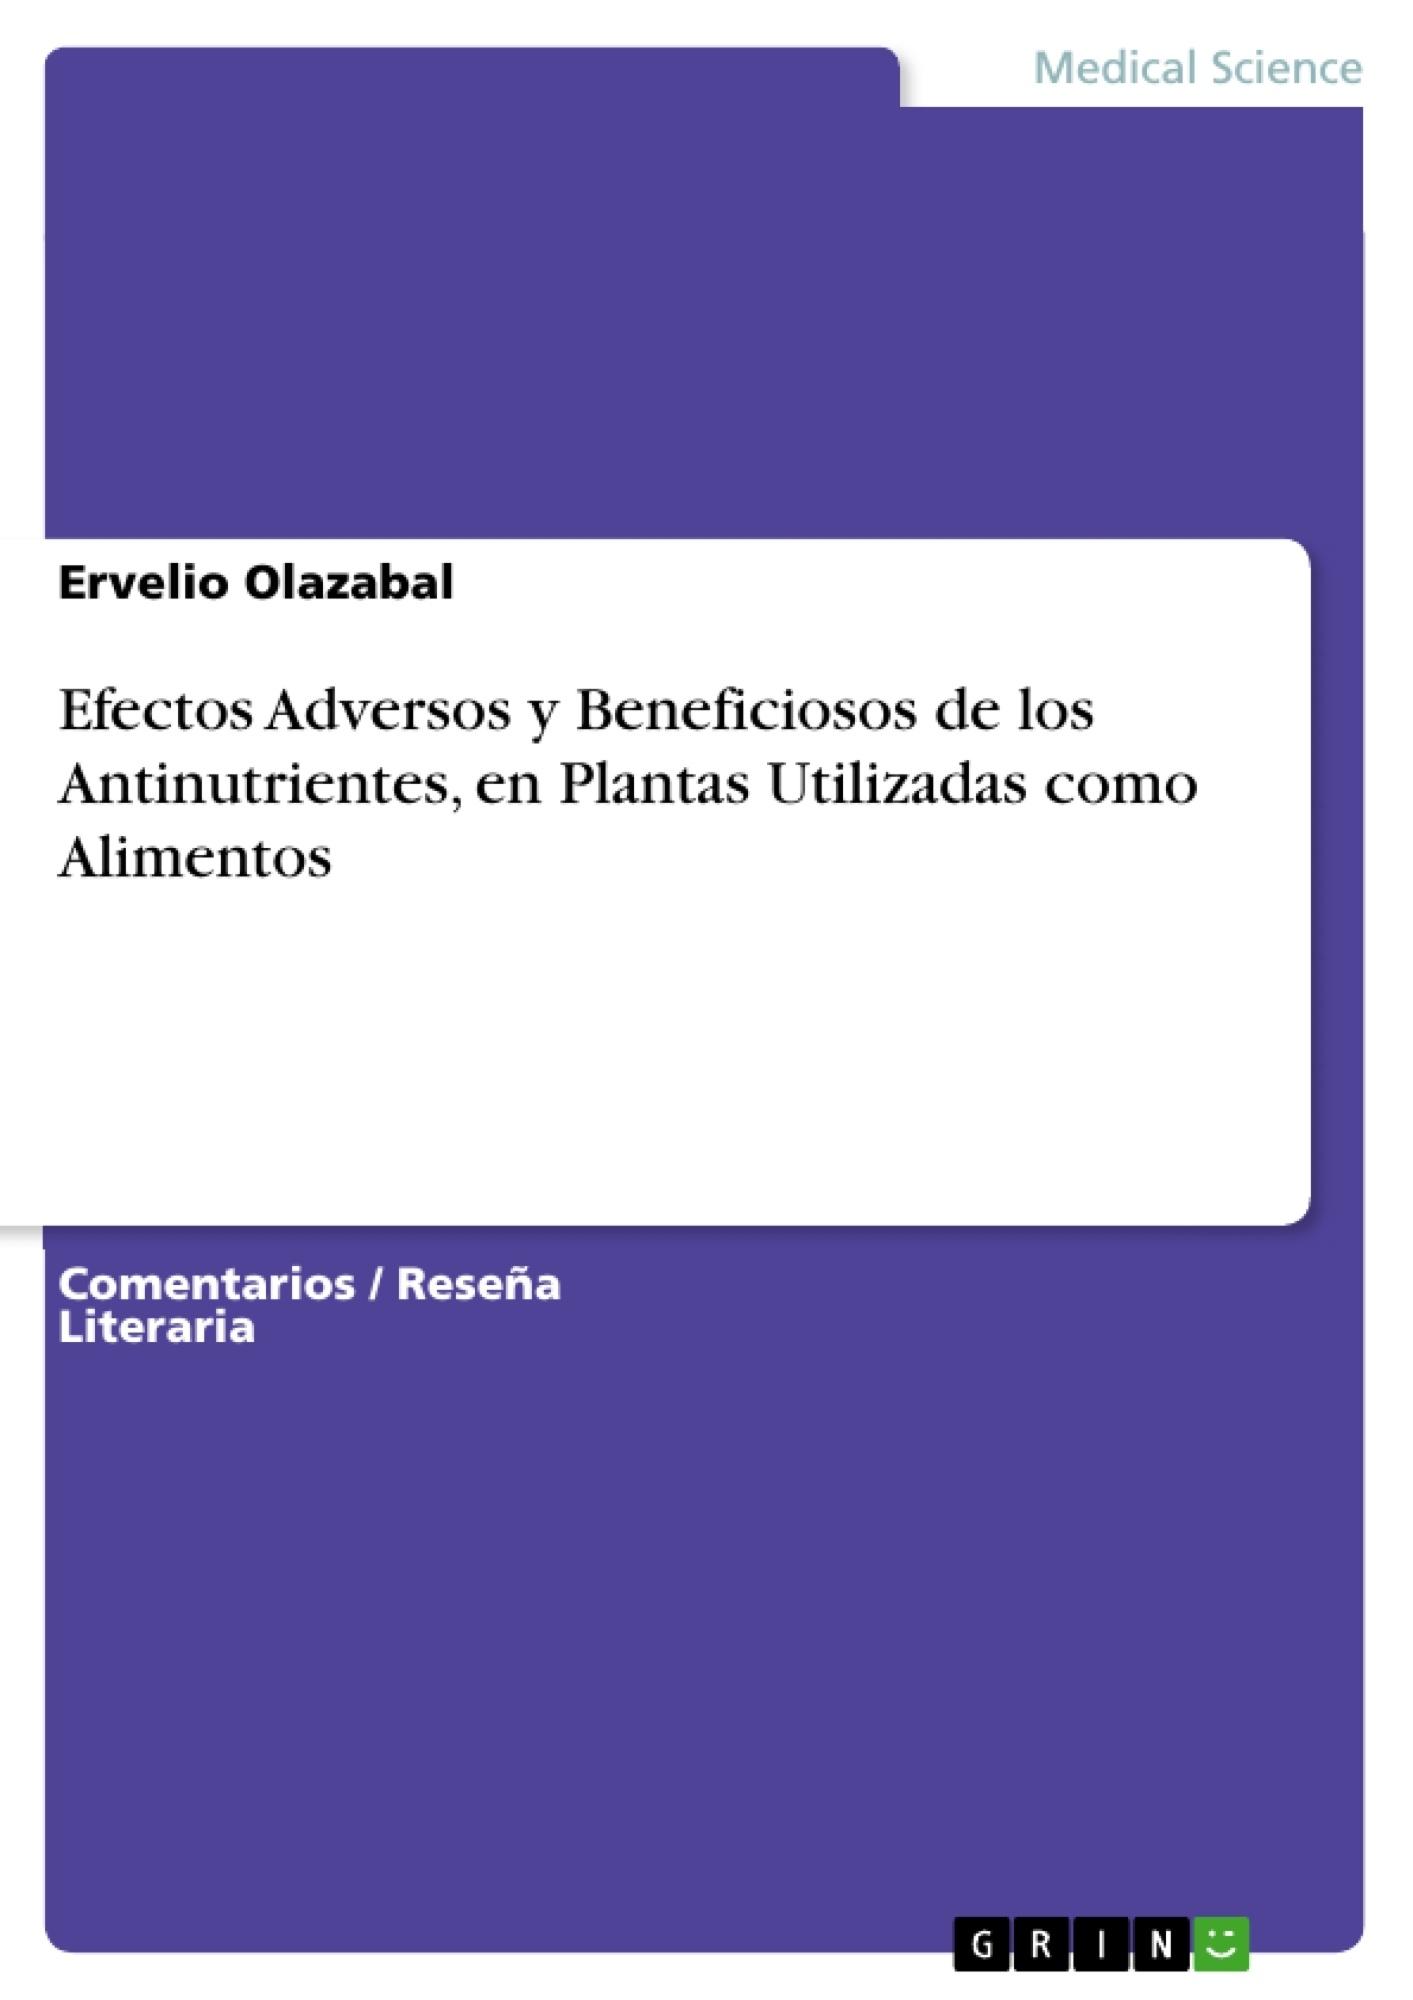 Título: Efectos Adversos y Beneficiosos de los Antinutrientes, en Plantas Utilizadas como Alimentos